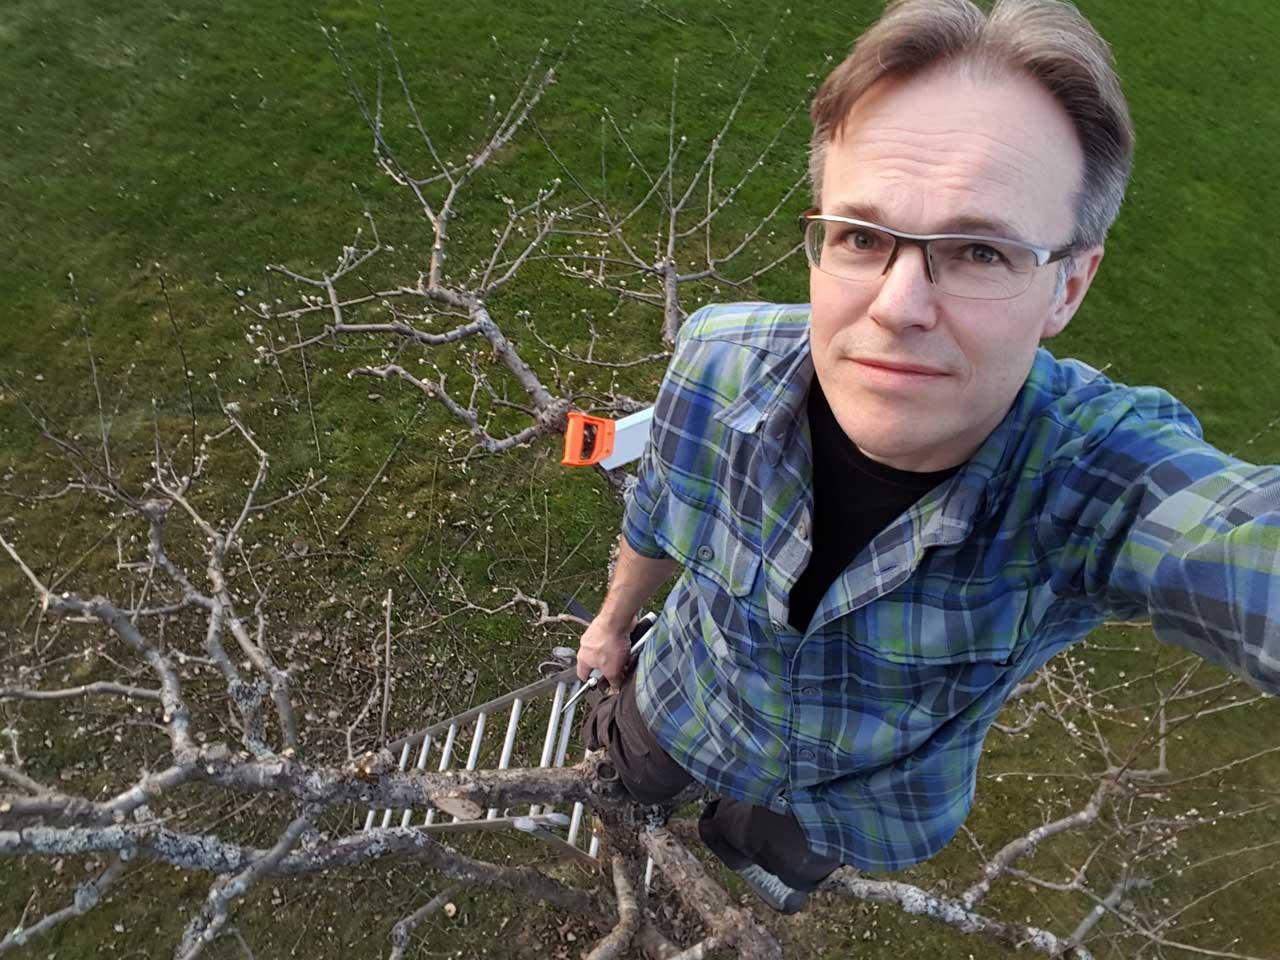 Klippa äppelträden